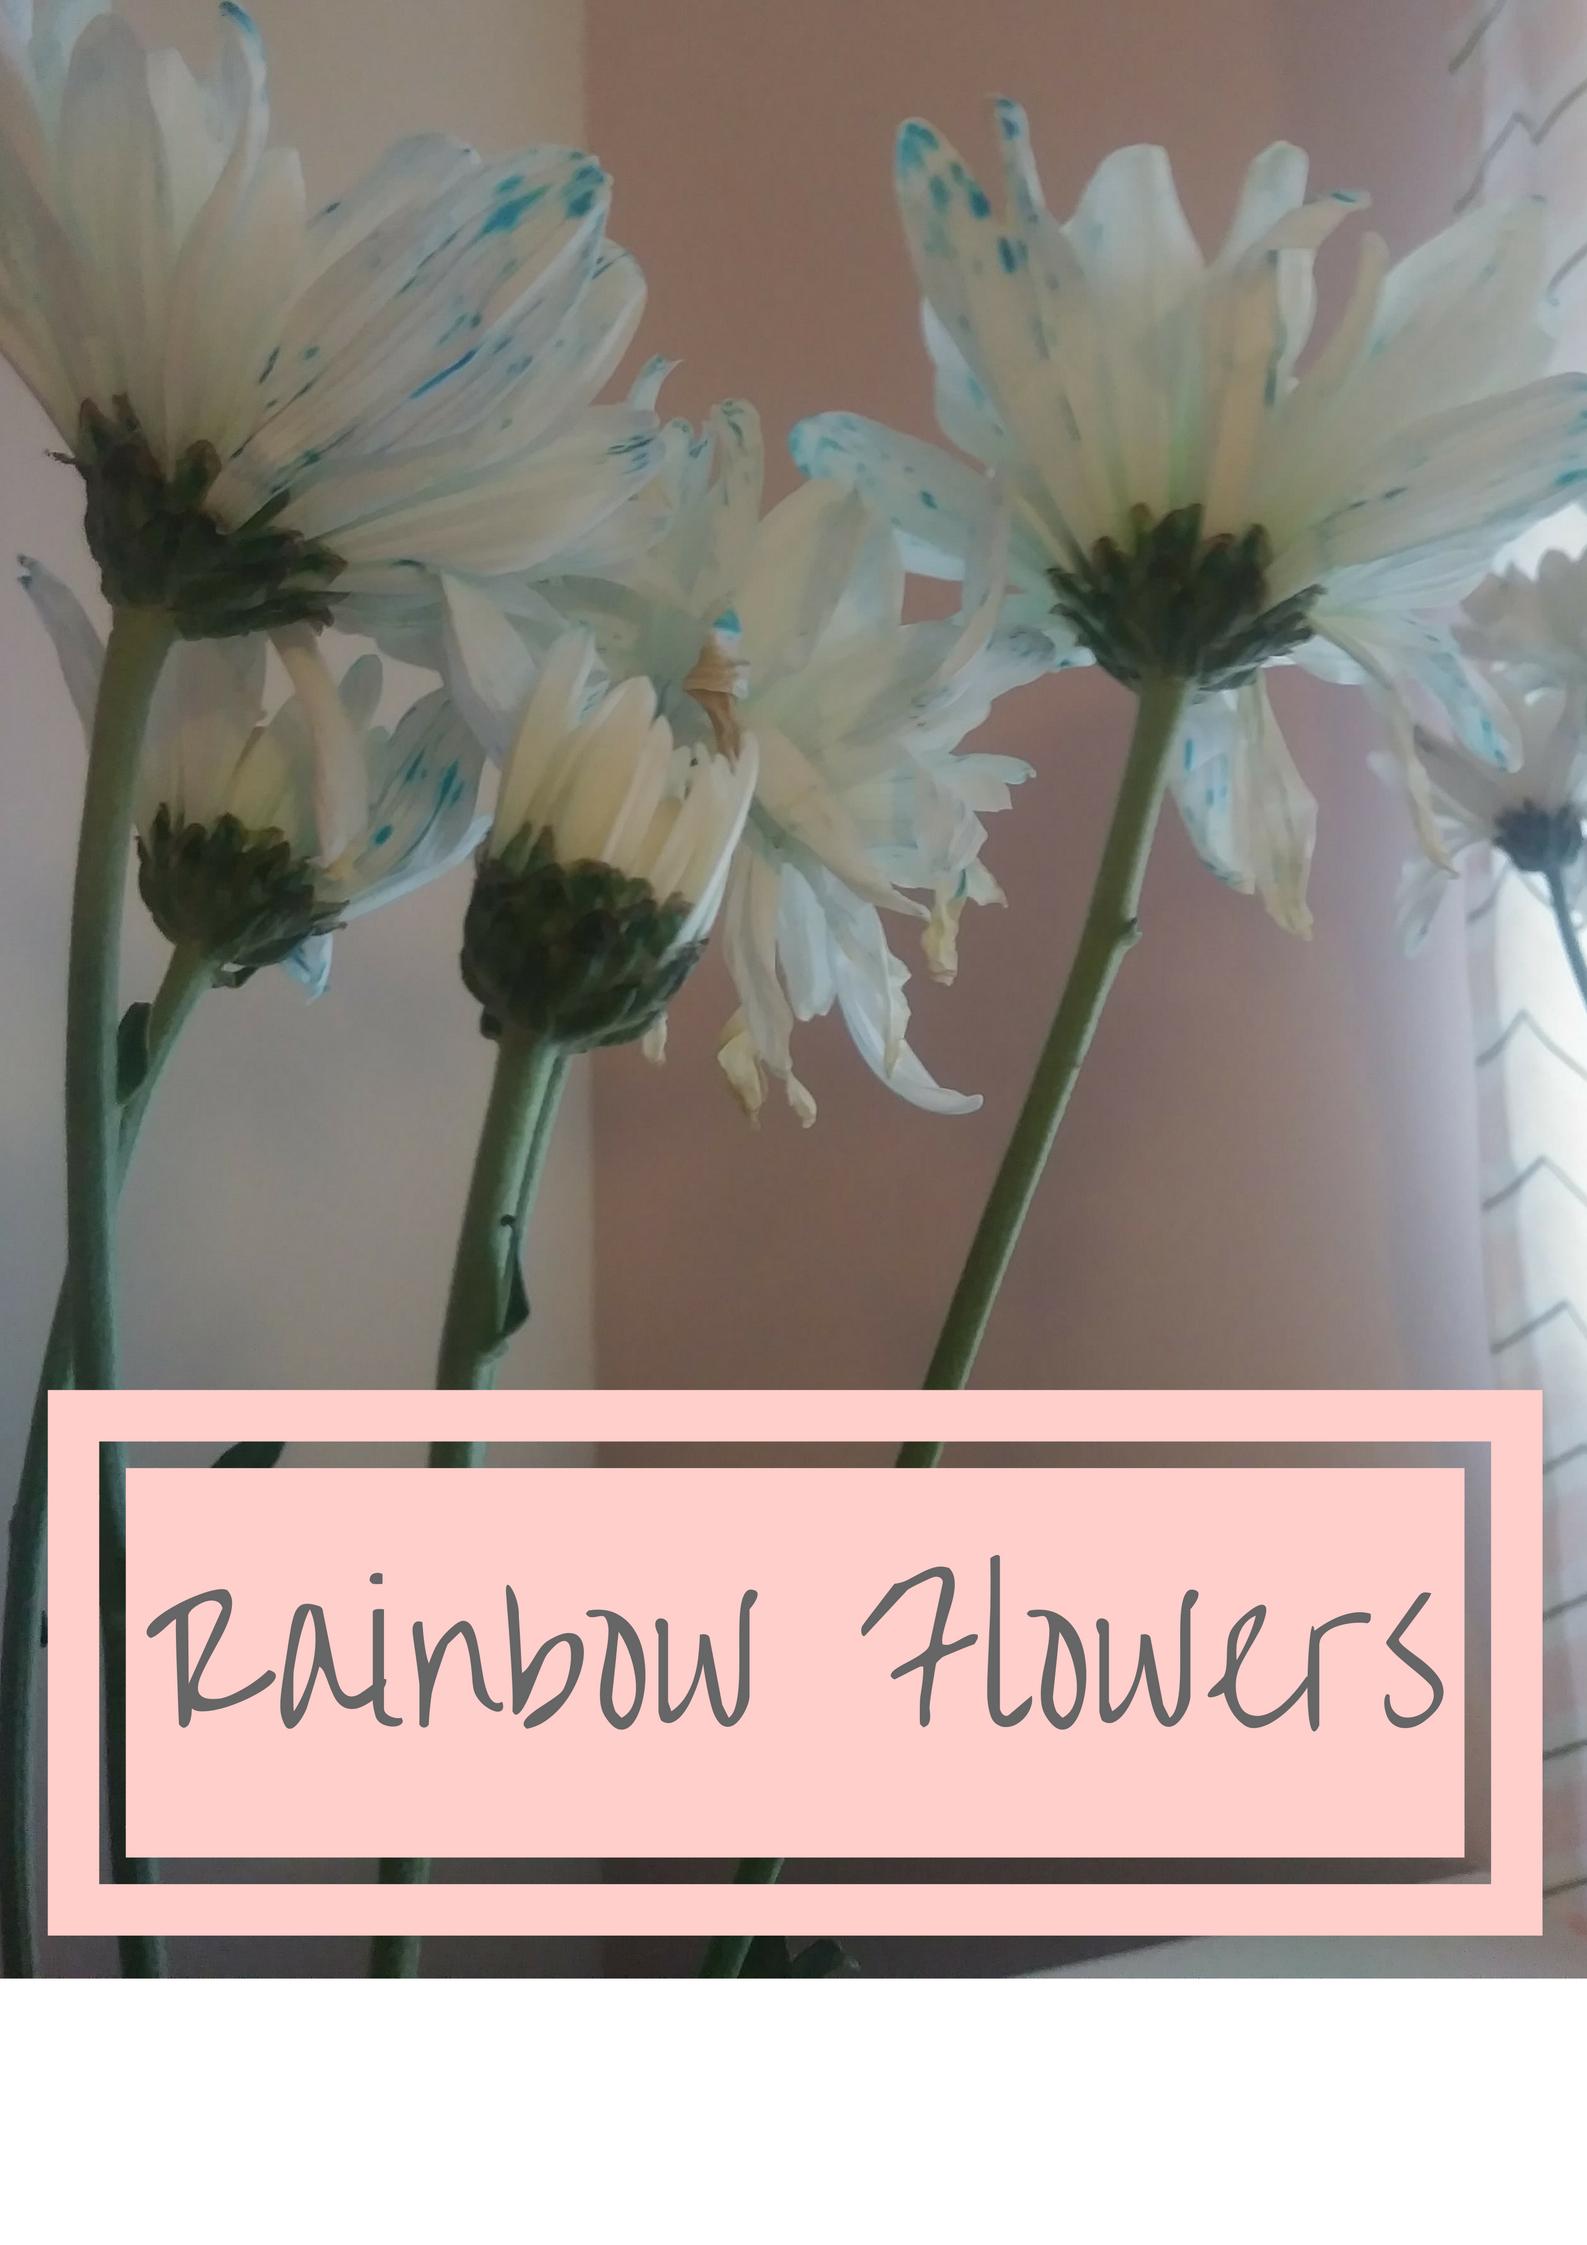 RainbowFlowers